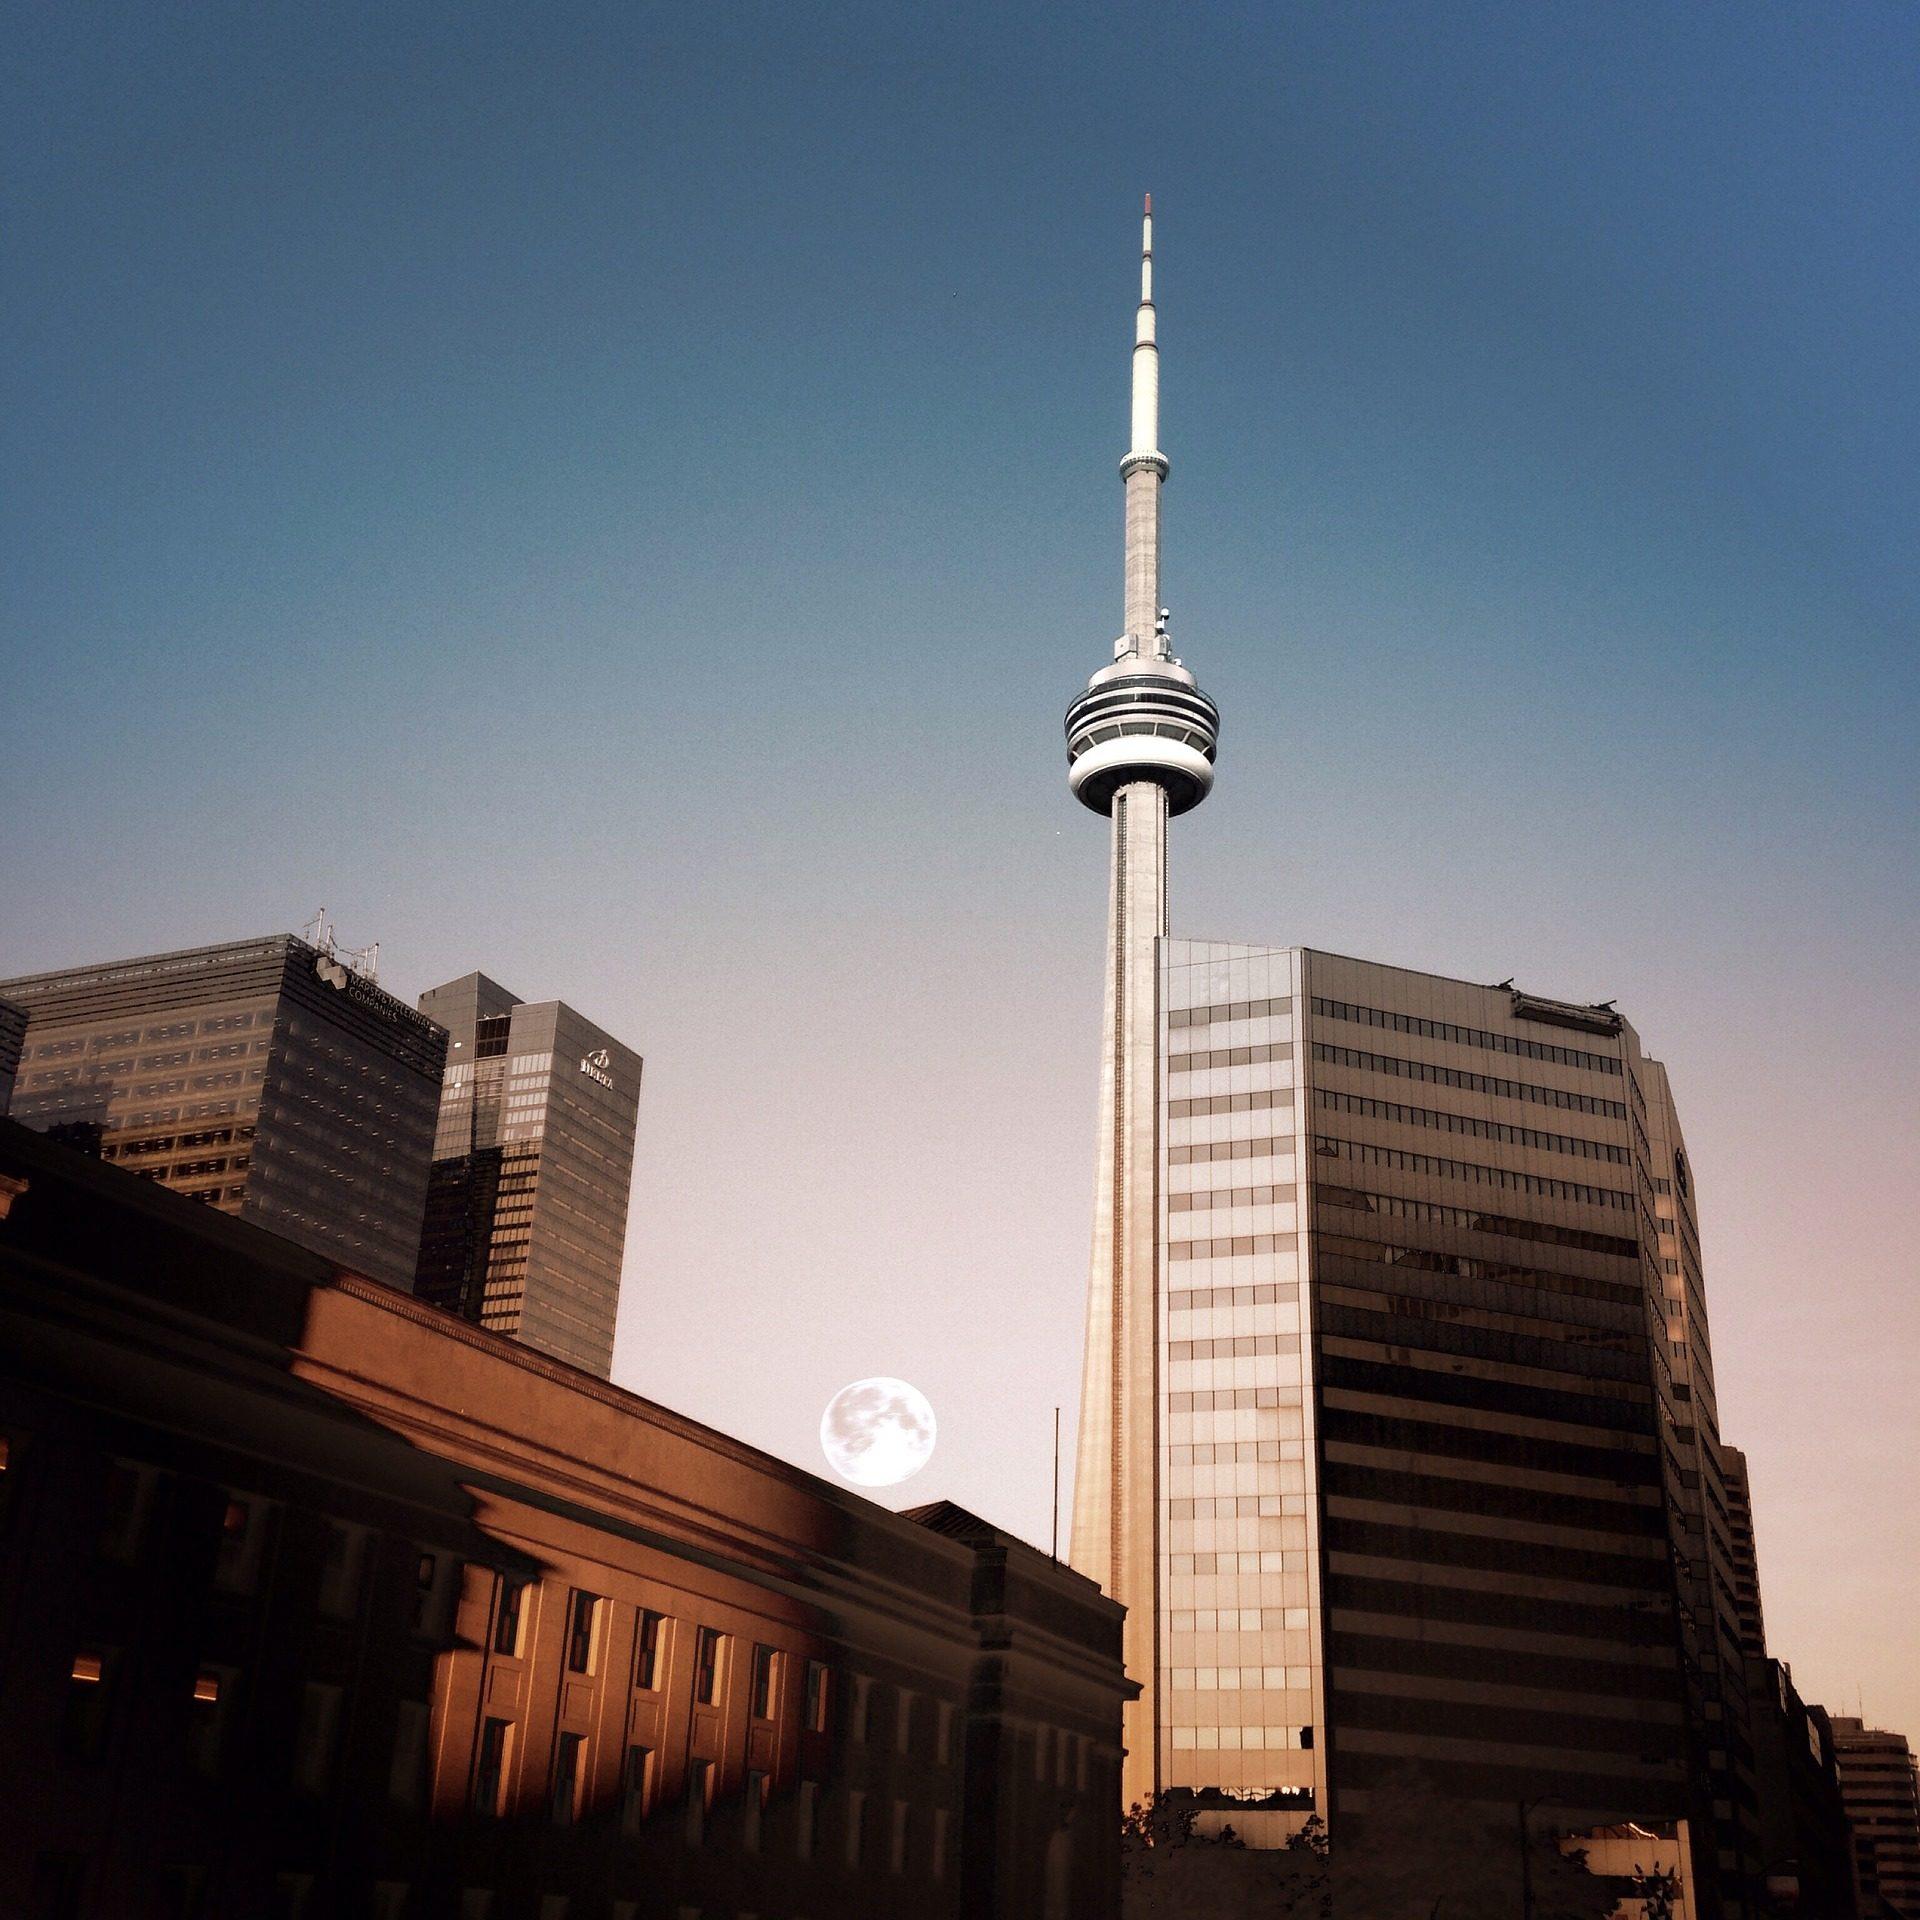 arranha-céu, Cidade, Torre, Nacional, CN, Toront, Canadá - Papéis de parede HD - Professor-falken.com